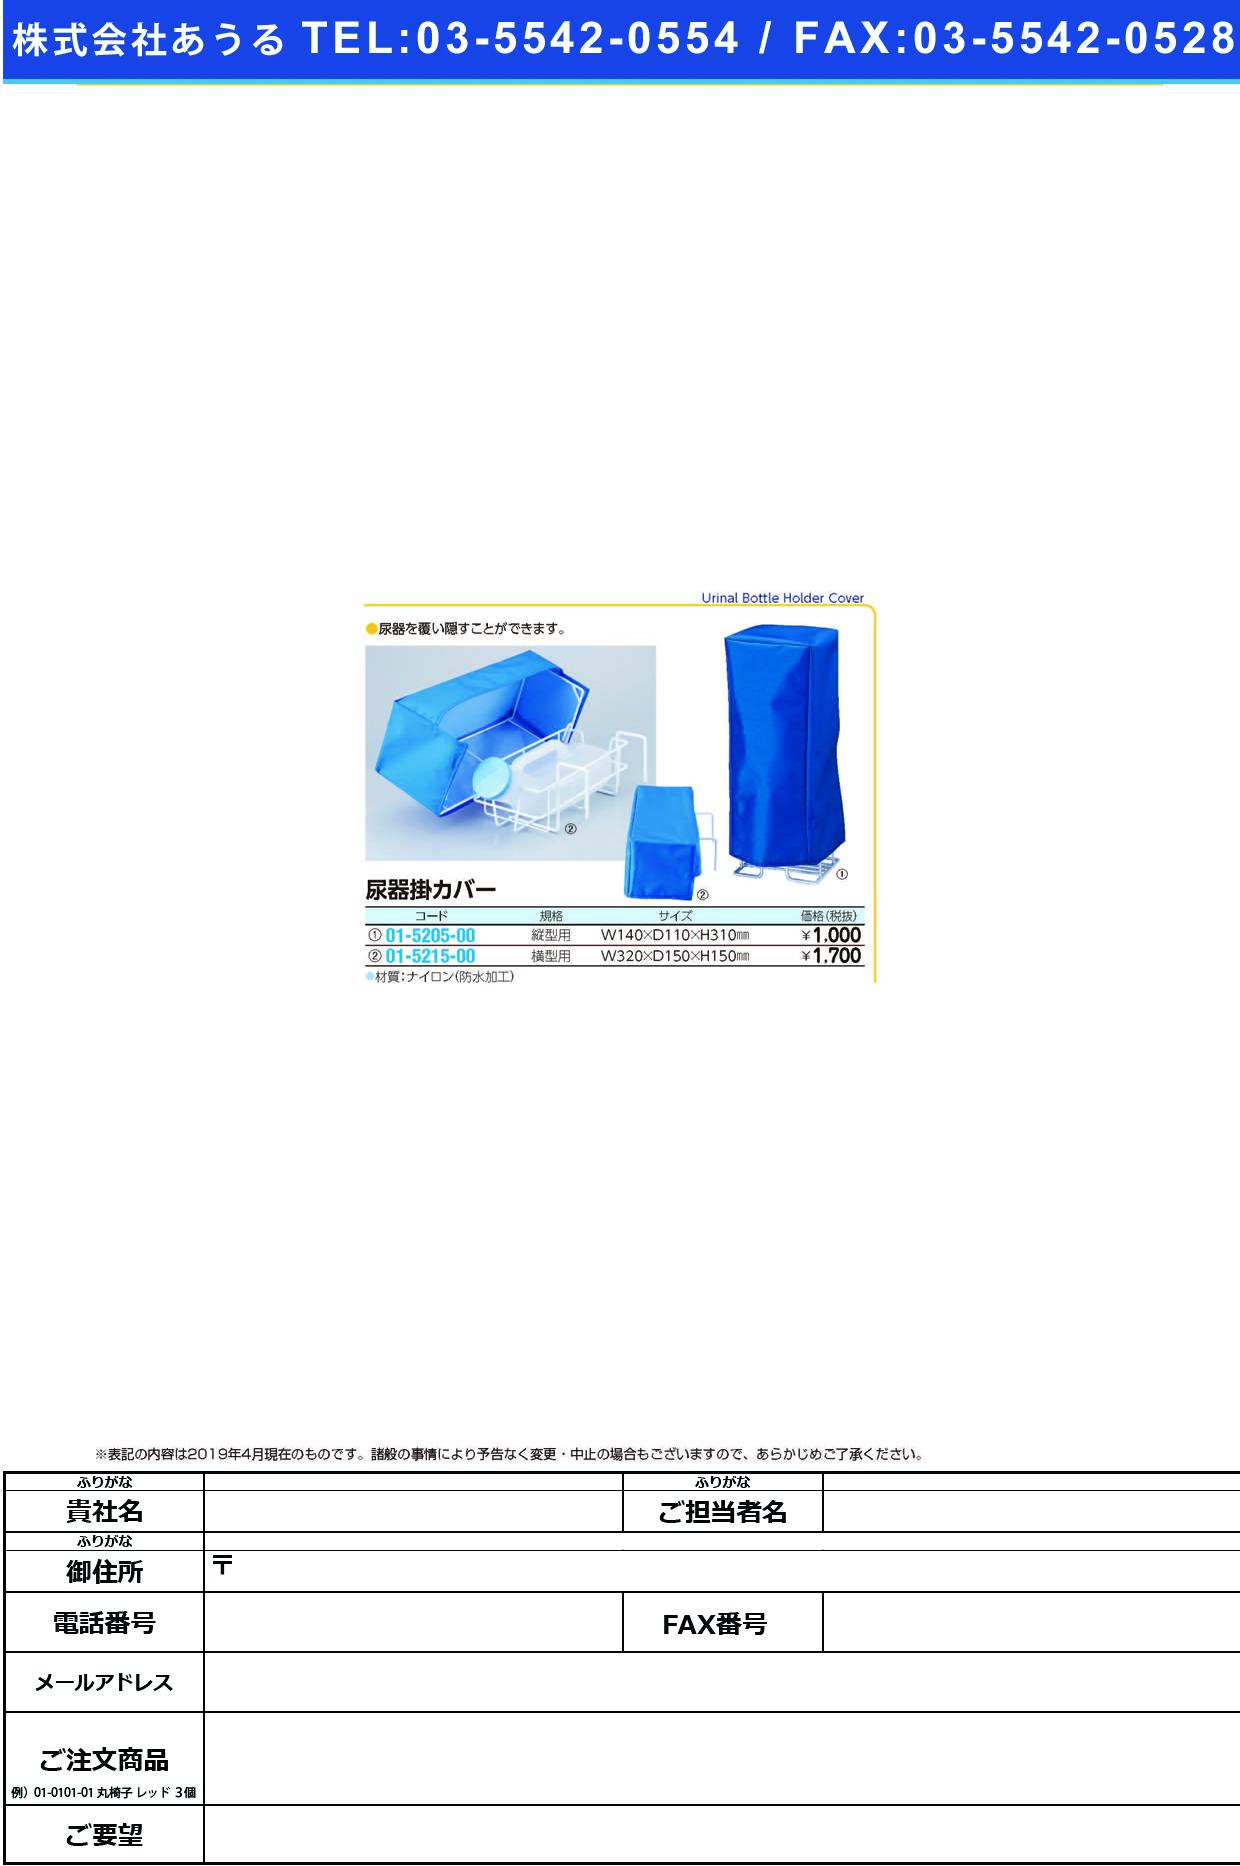 (01-5215-00)尿器掛カバー(横型用)  ニョウキカケカバー【1枚単位】【2019年カタログ商品】